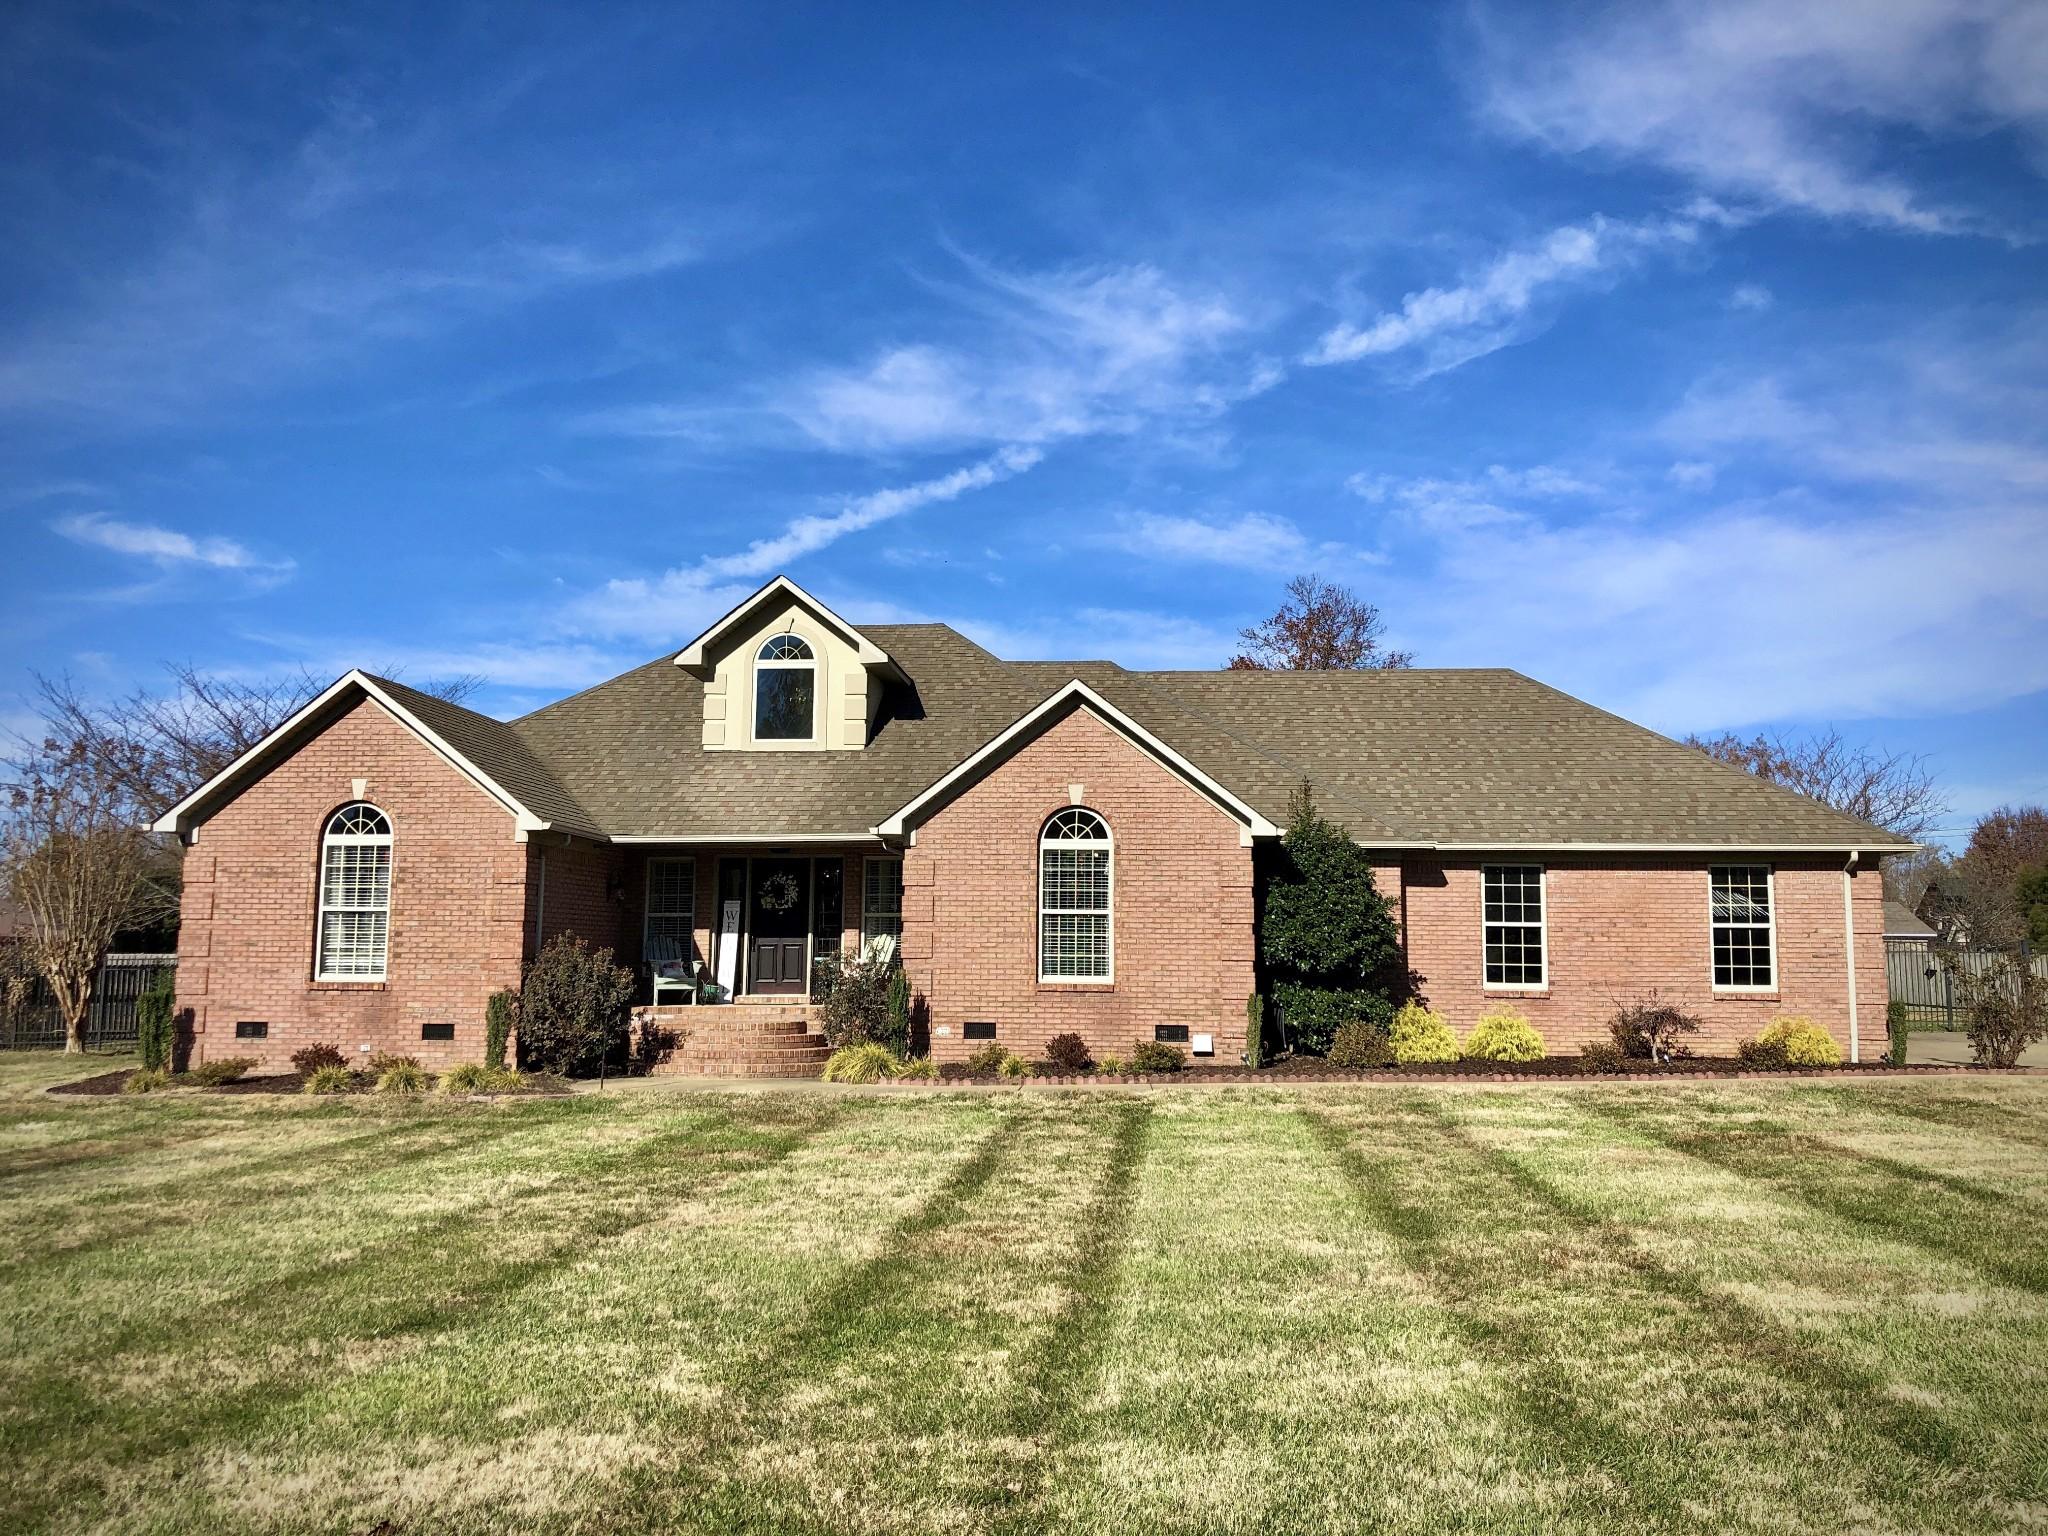 410 Weakley Creek Rd, Lawrenceburg, TN 38464 - Lawrenceburg, TN real estate listing